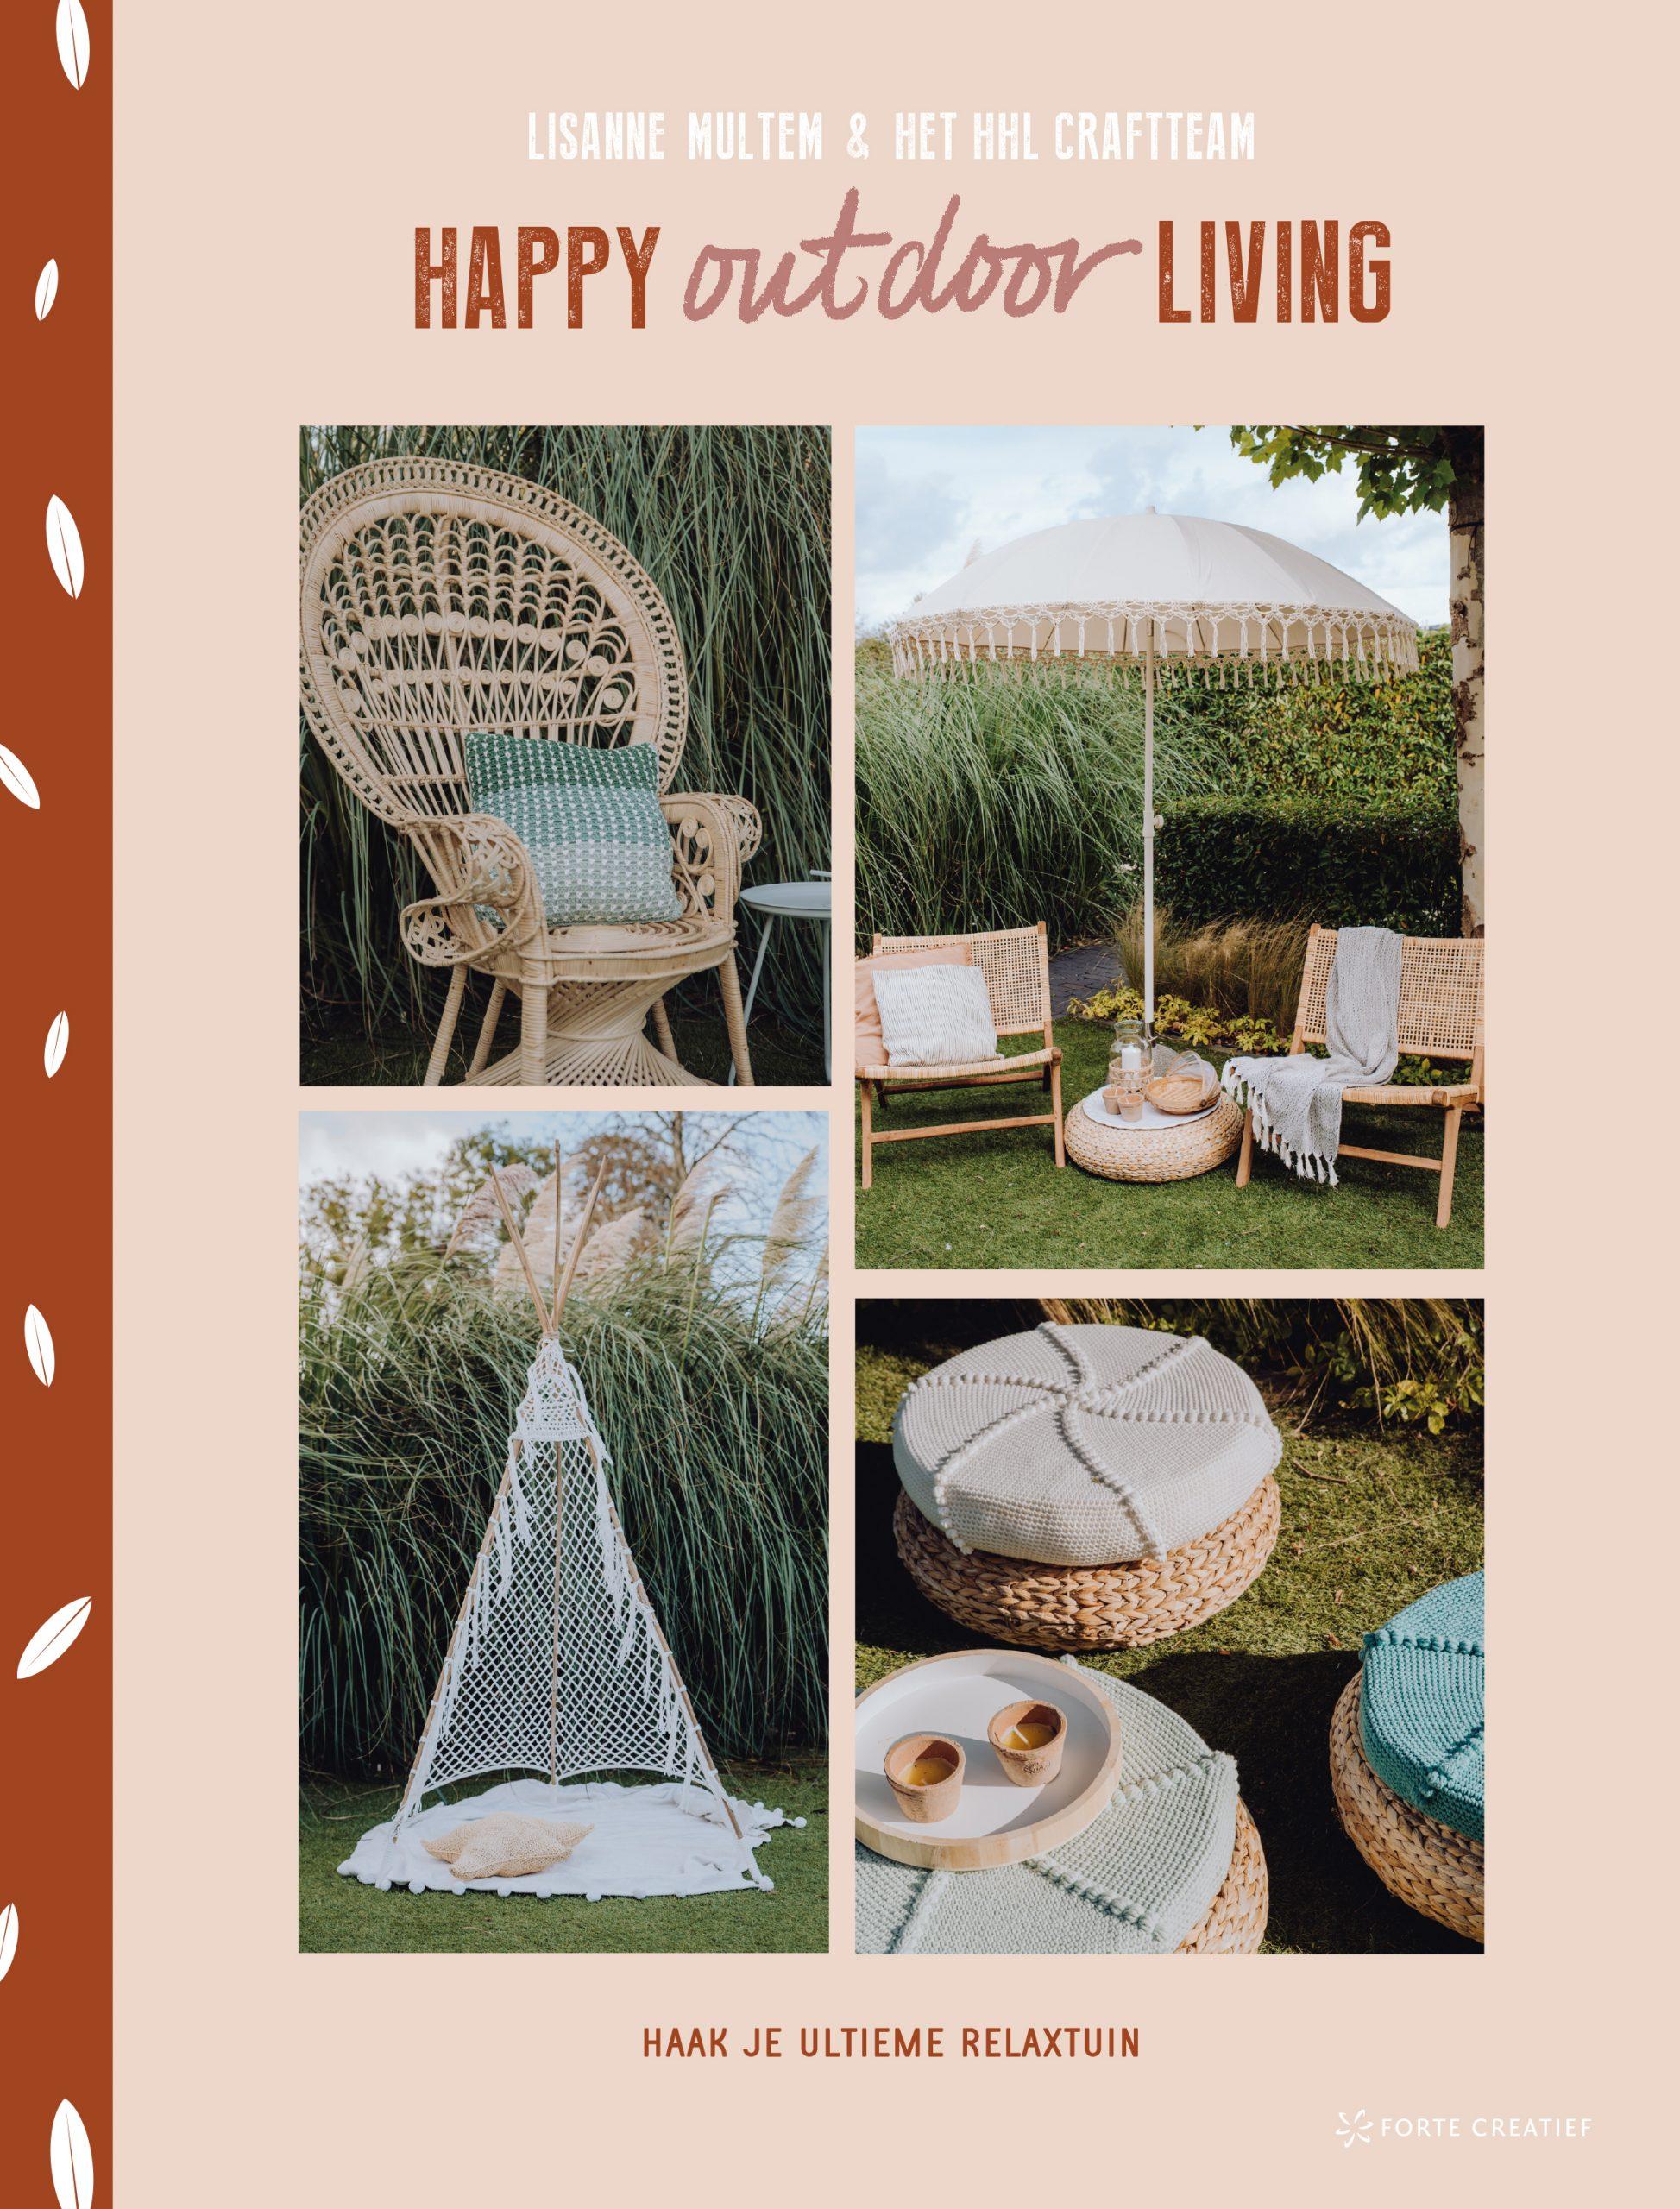 Happy Outdoor Living